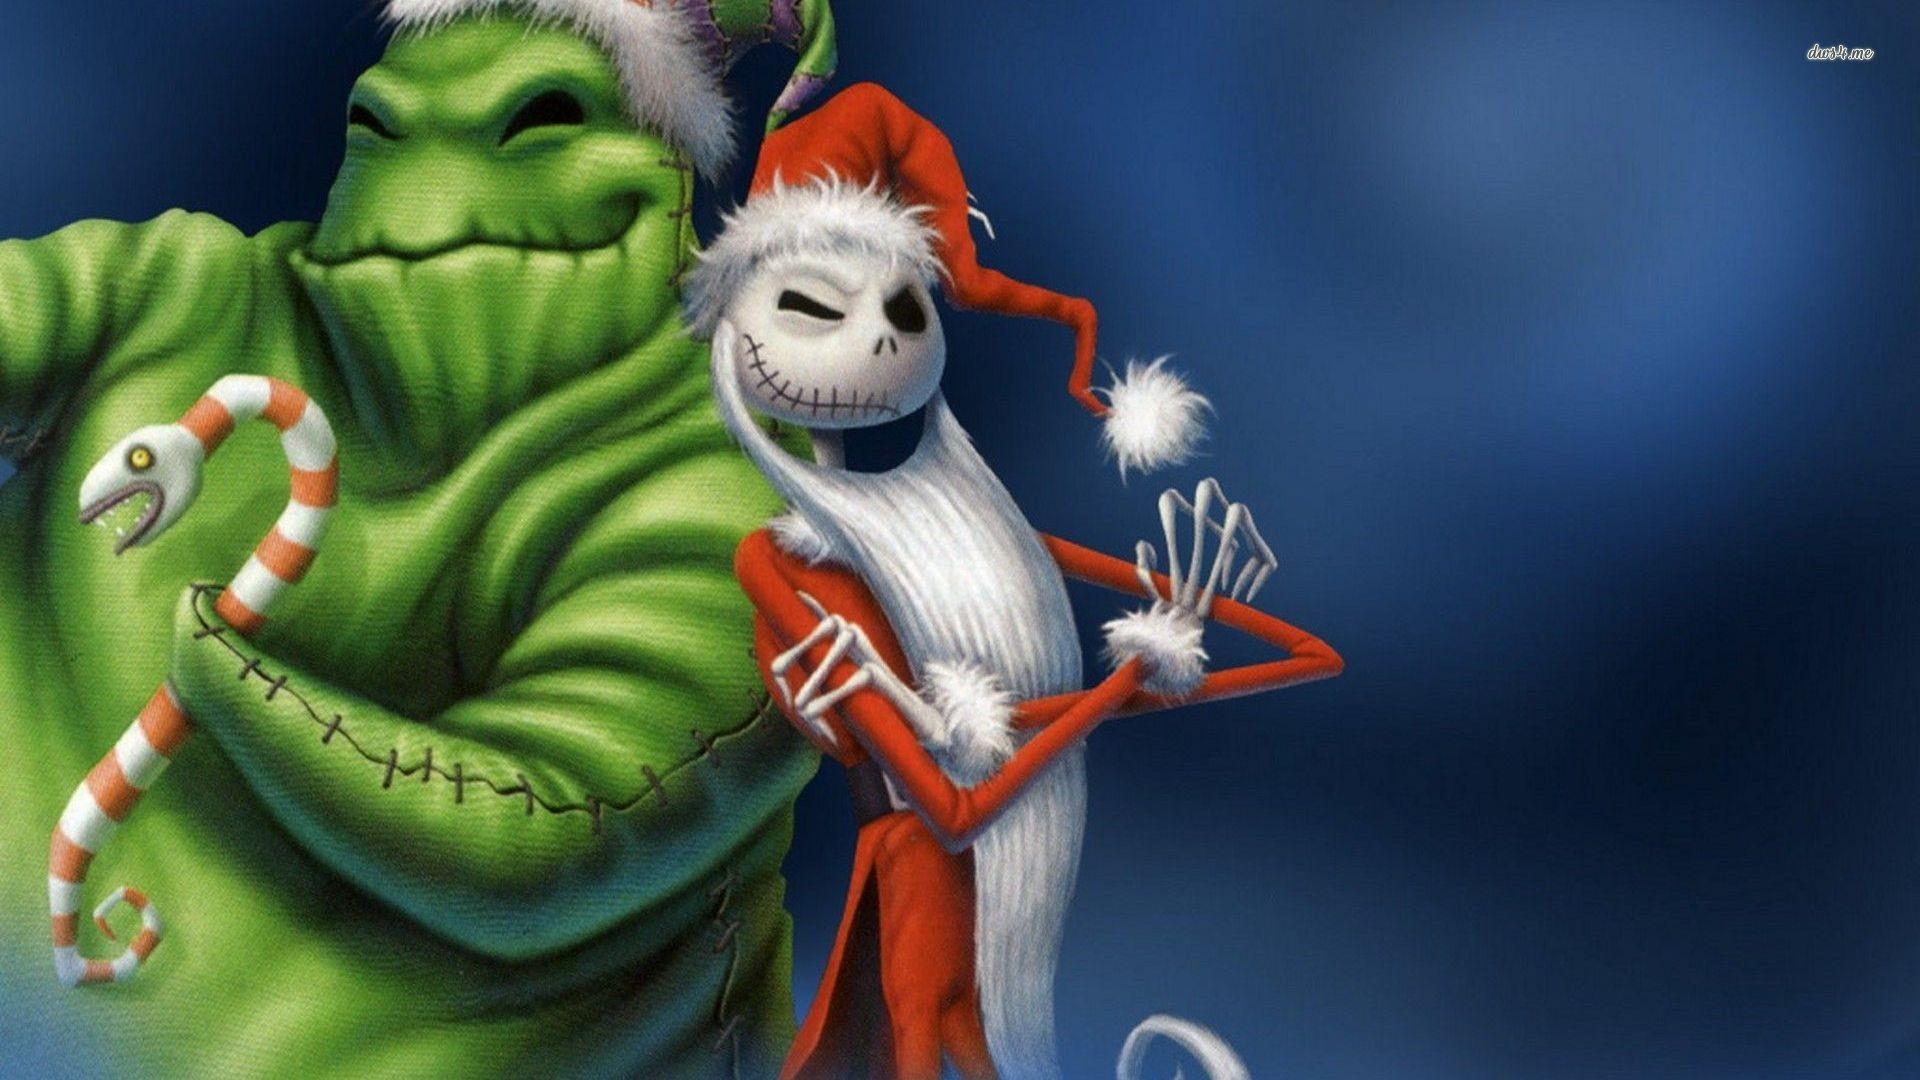 Oogie Boogie And Jack Skellington The Nightmare Before Chr Cartoon Hd  Wallpaper